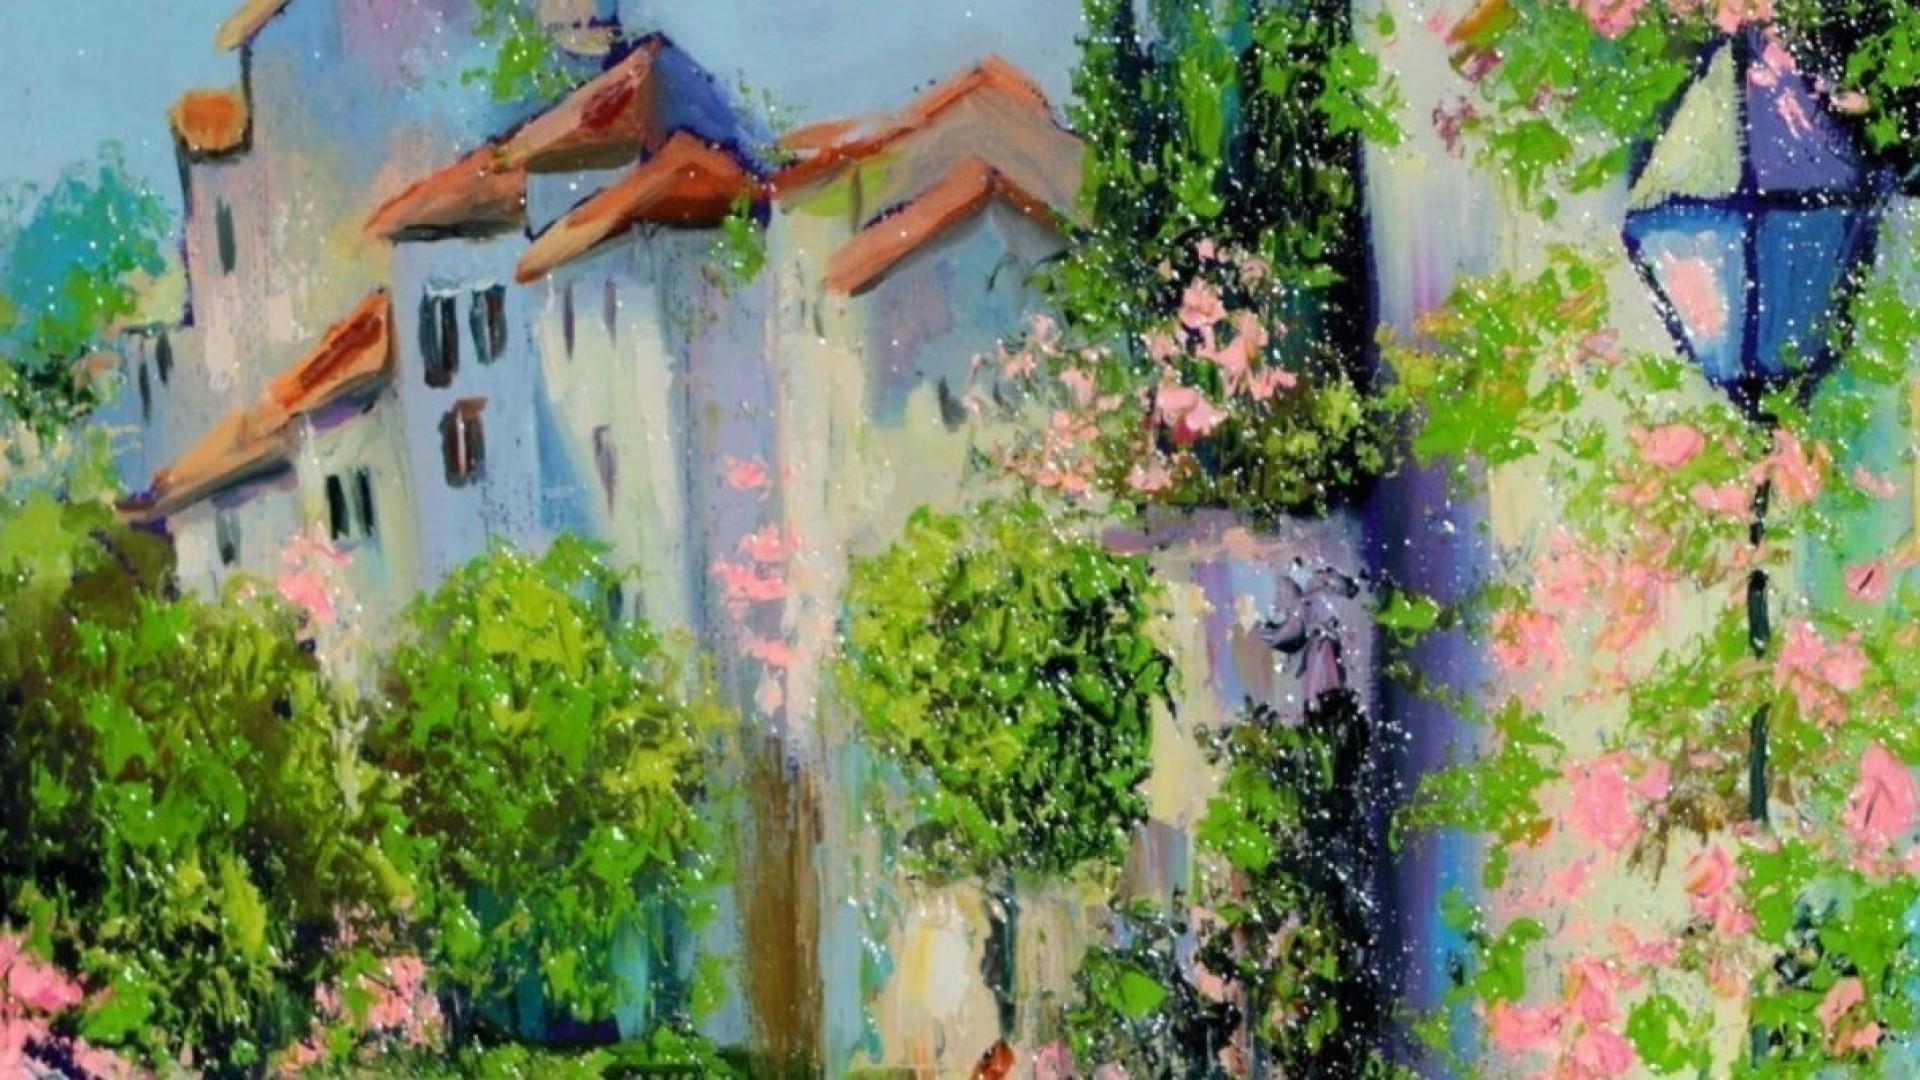 Мастер-класс по живописи: пишем южный городок